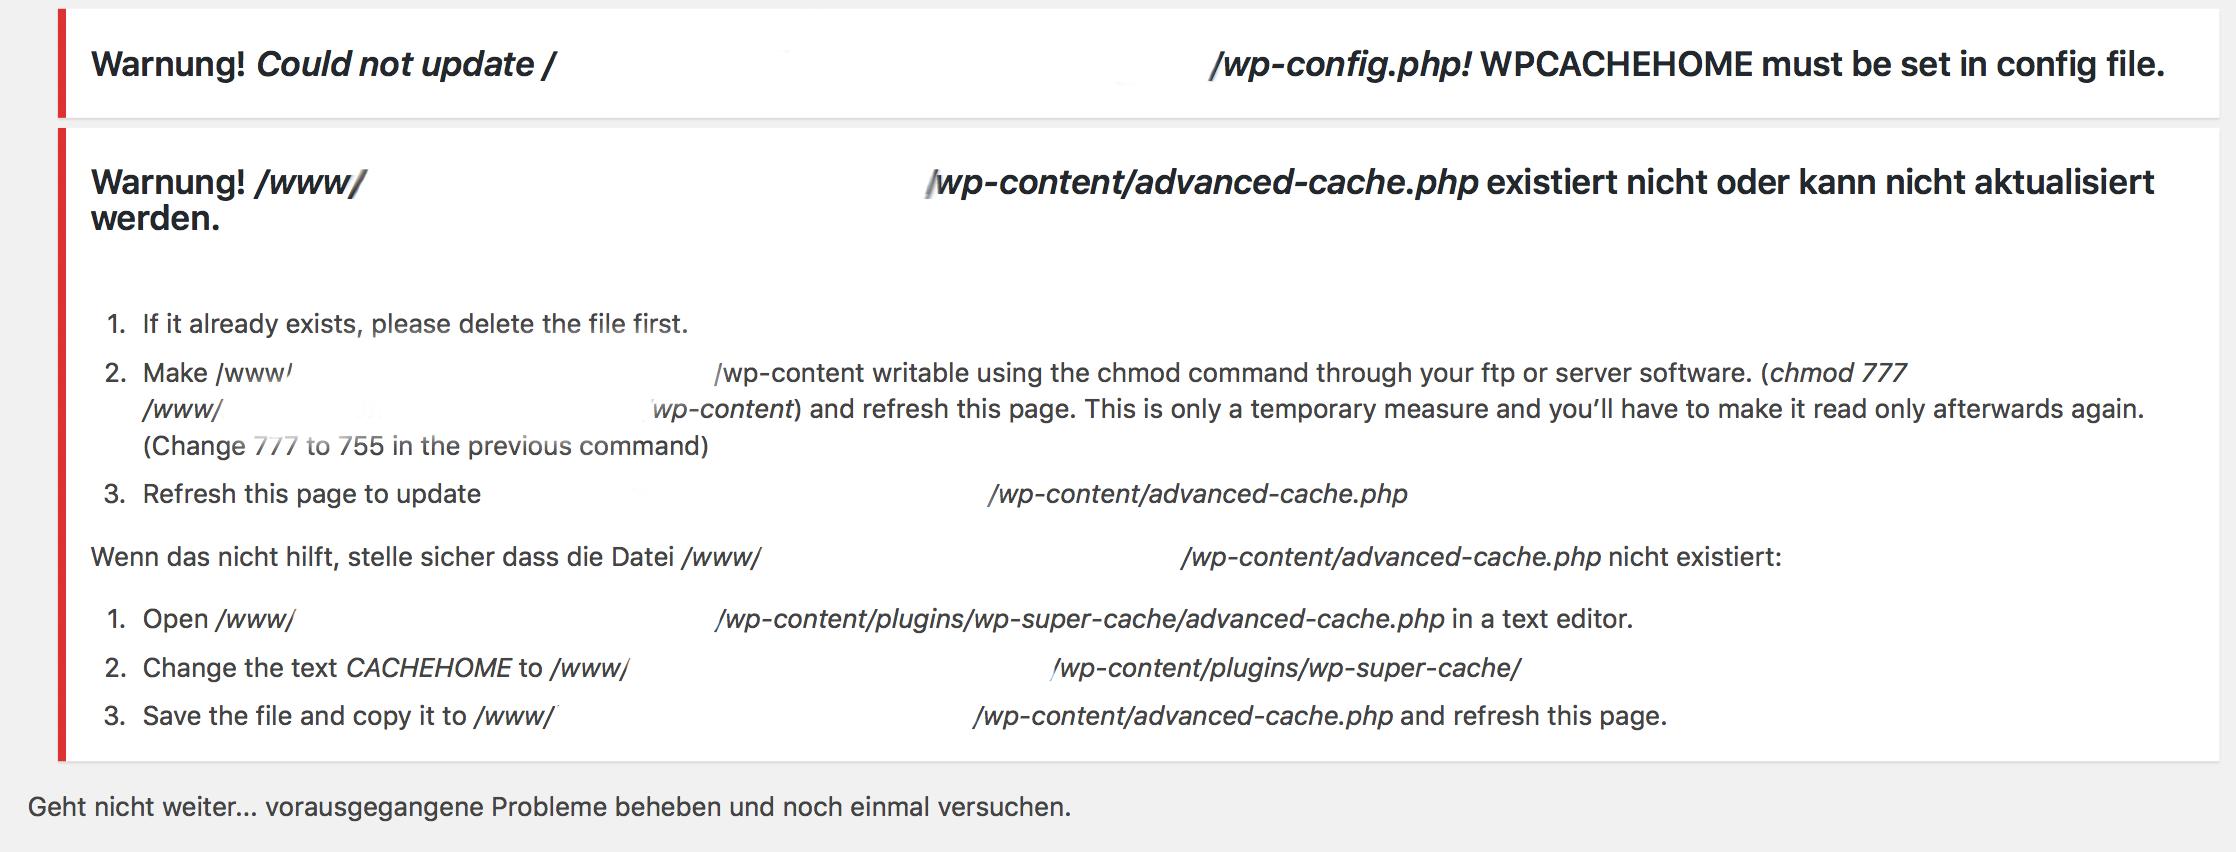 advanced-cache.php kann nicht aktualisiert werden